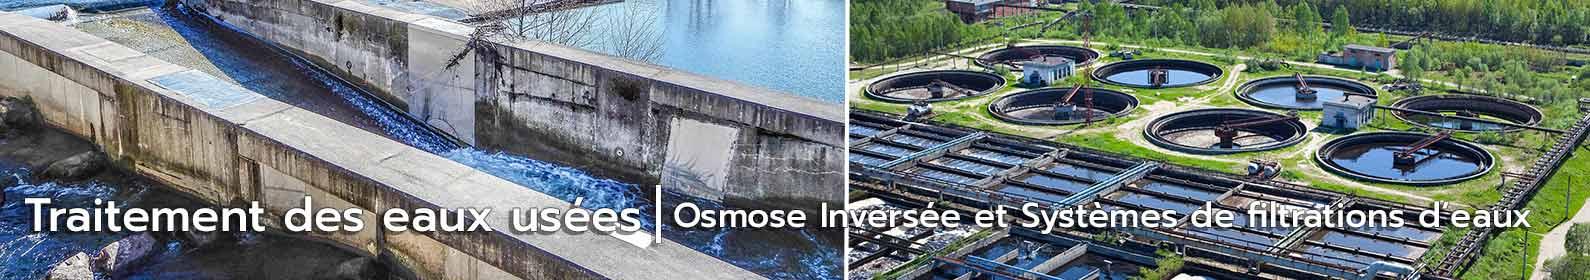 applications-de-traitement-de-l-eau-par-osmose-invers-eeaux-usees.jpg